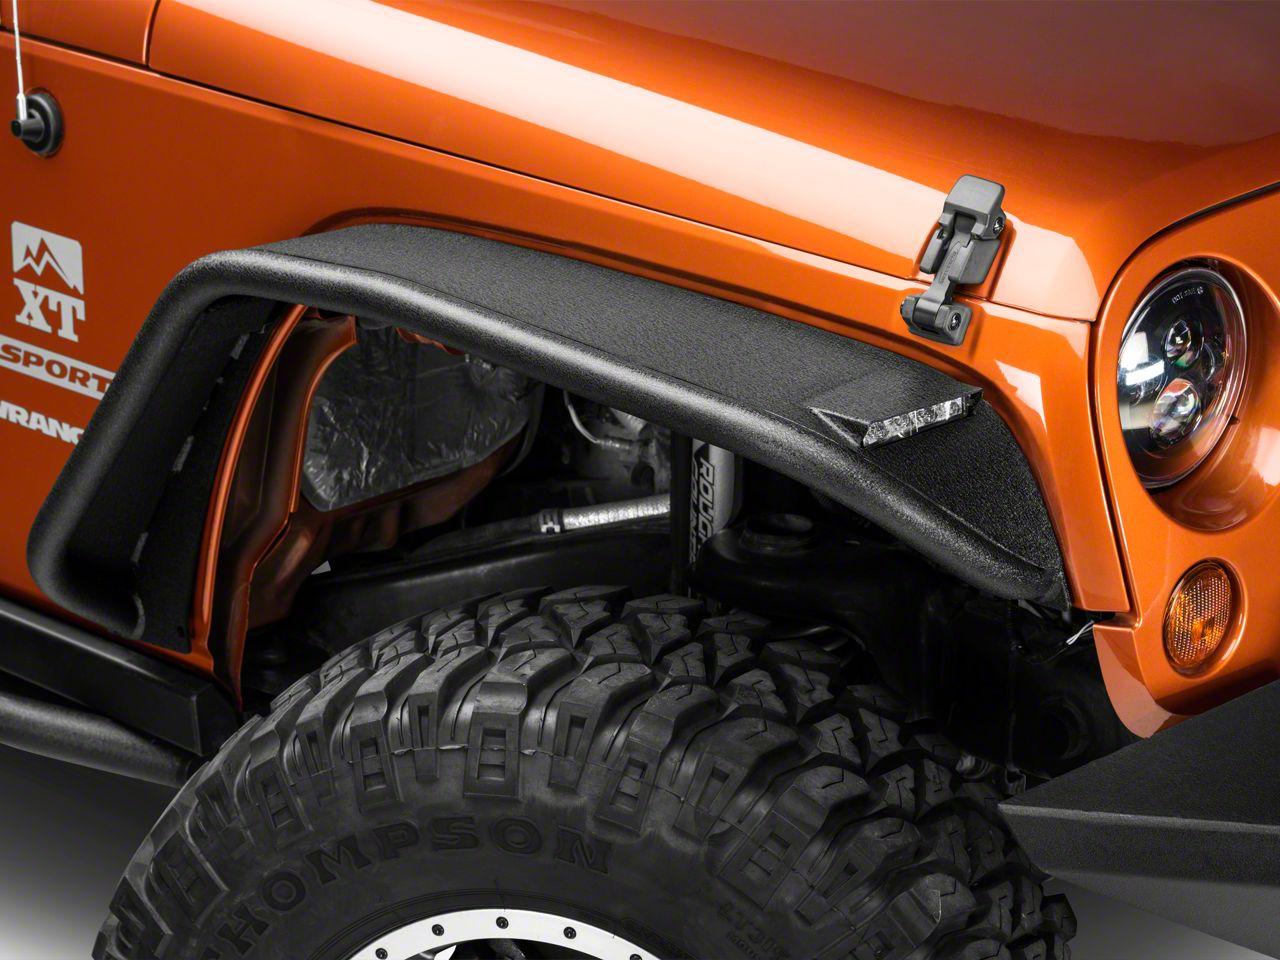 Barricade Tubular Fender Flares w/ LED Lighting (07-18 Jeep Wrangler JK)